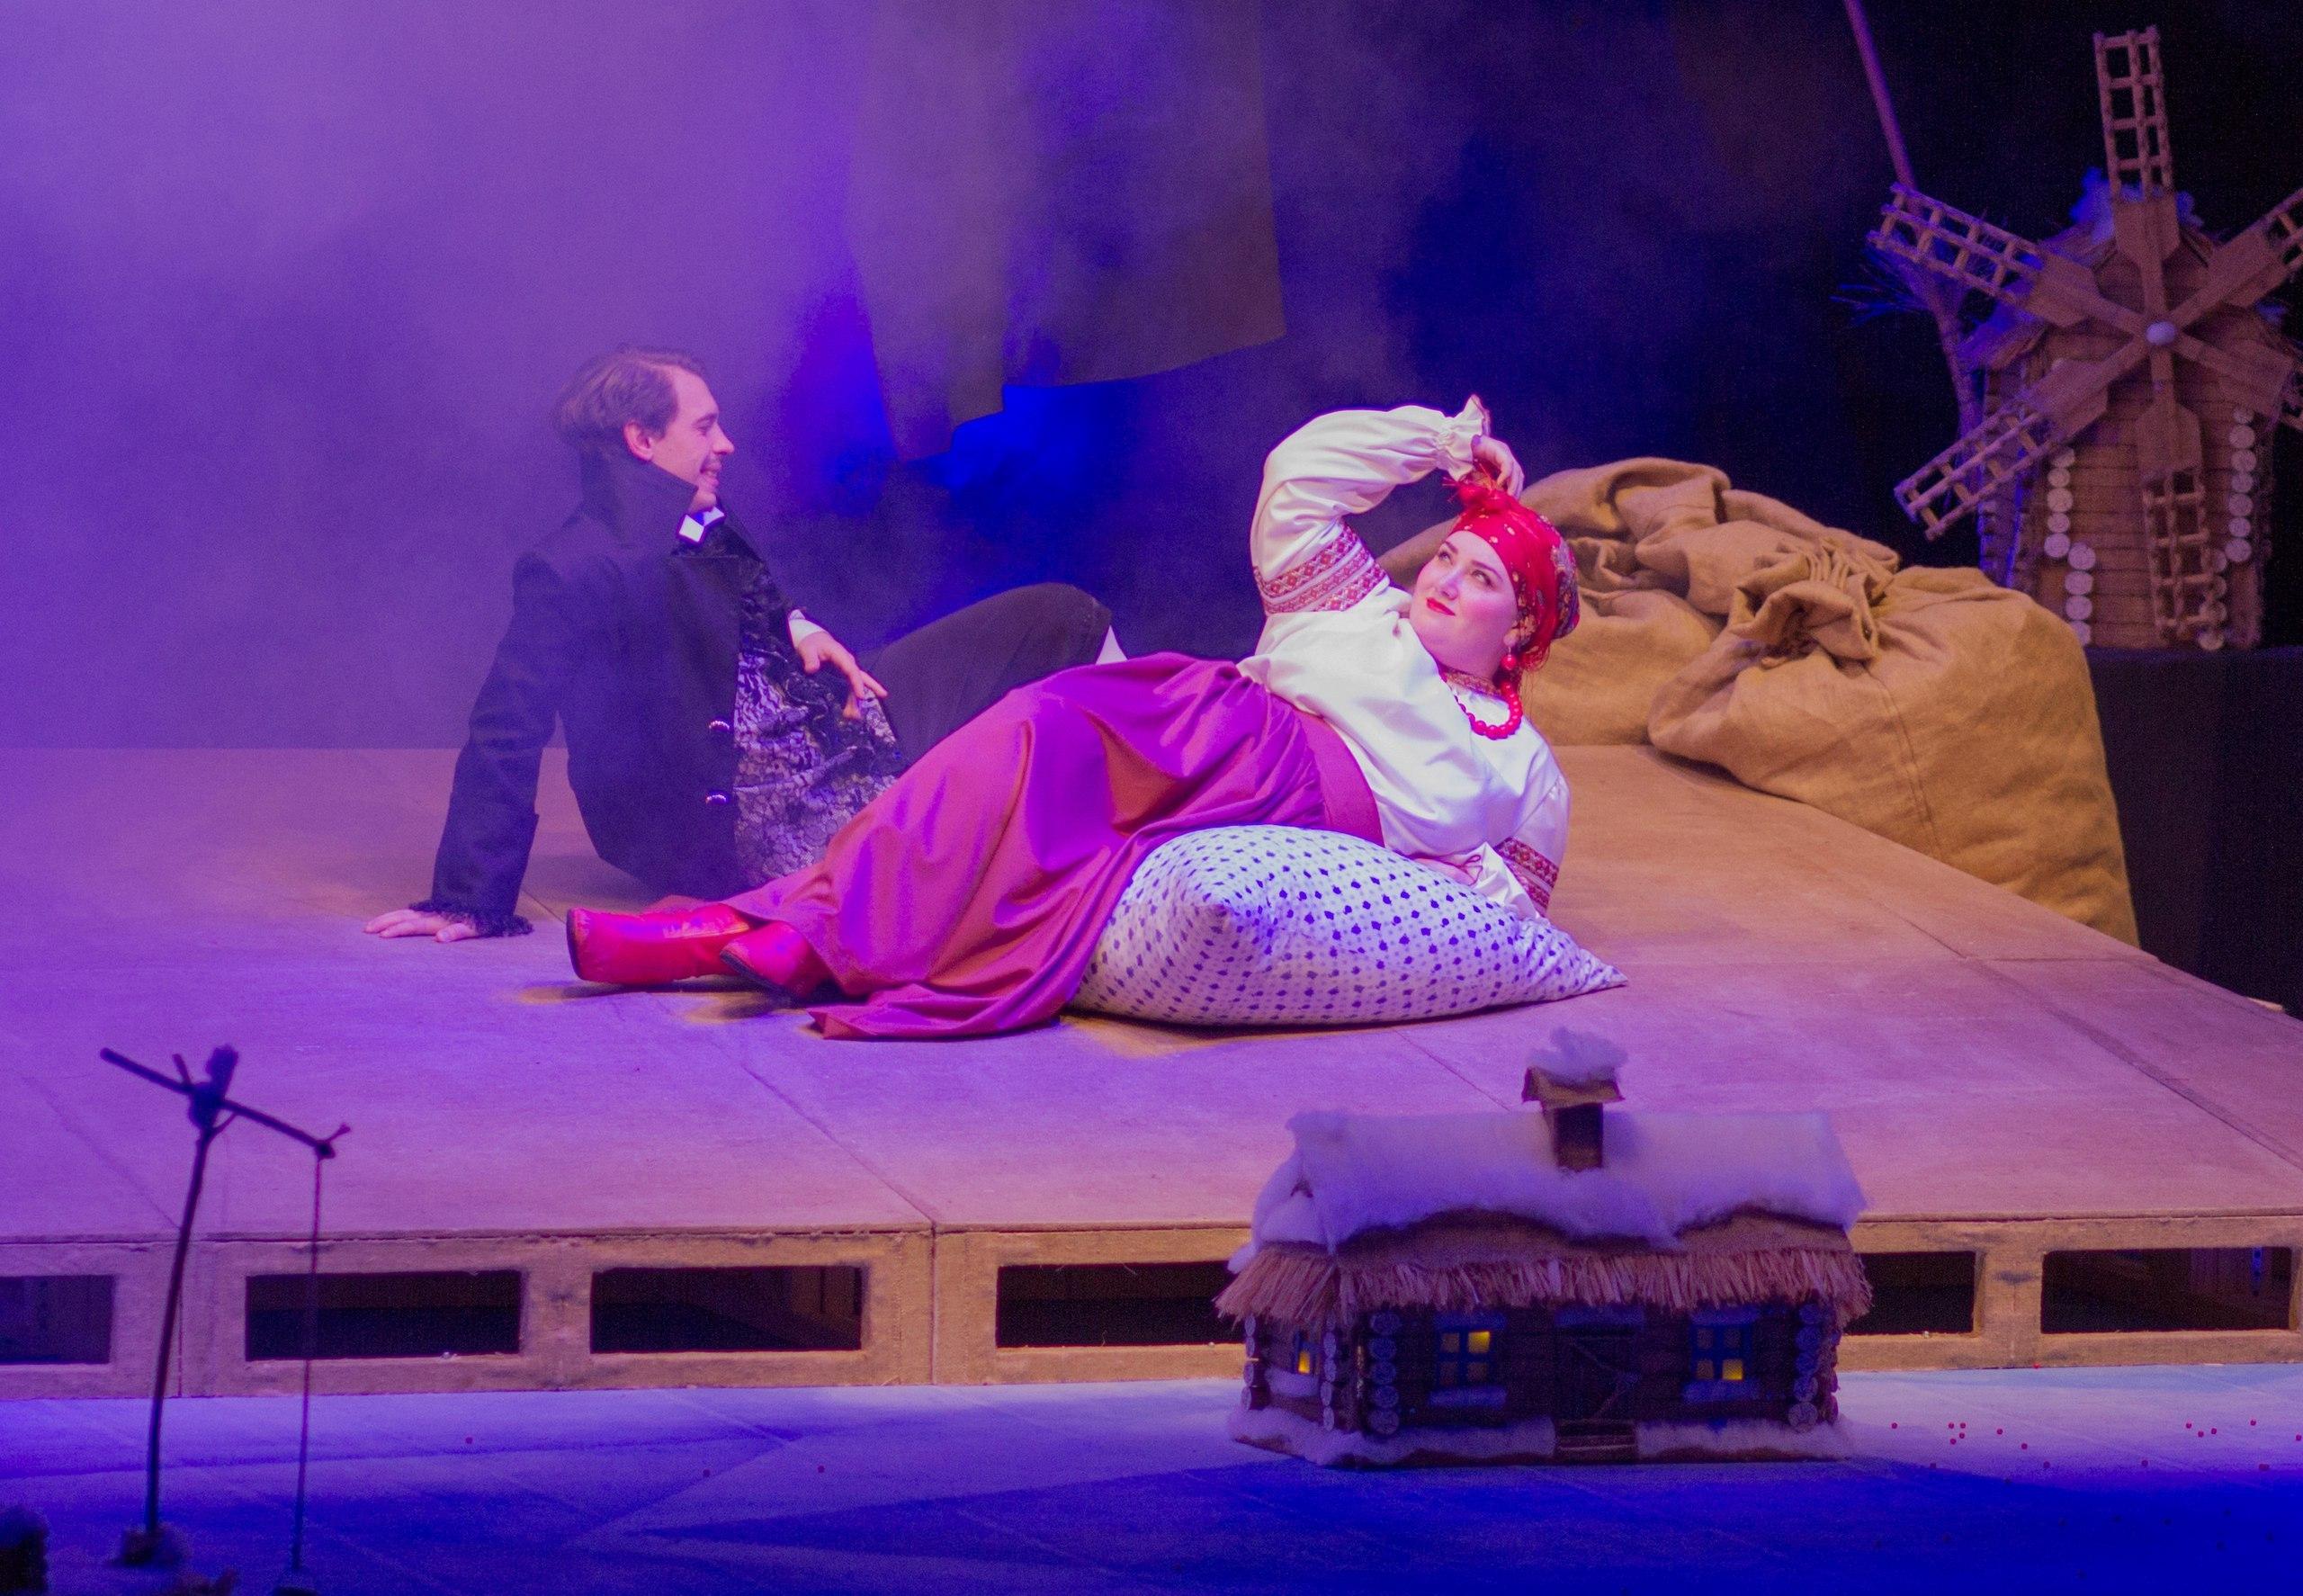 Балет, 3D и завершение новогодних гуляний: еженедельная афиша мероприятий Тамбова